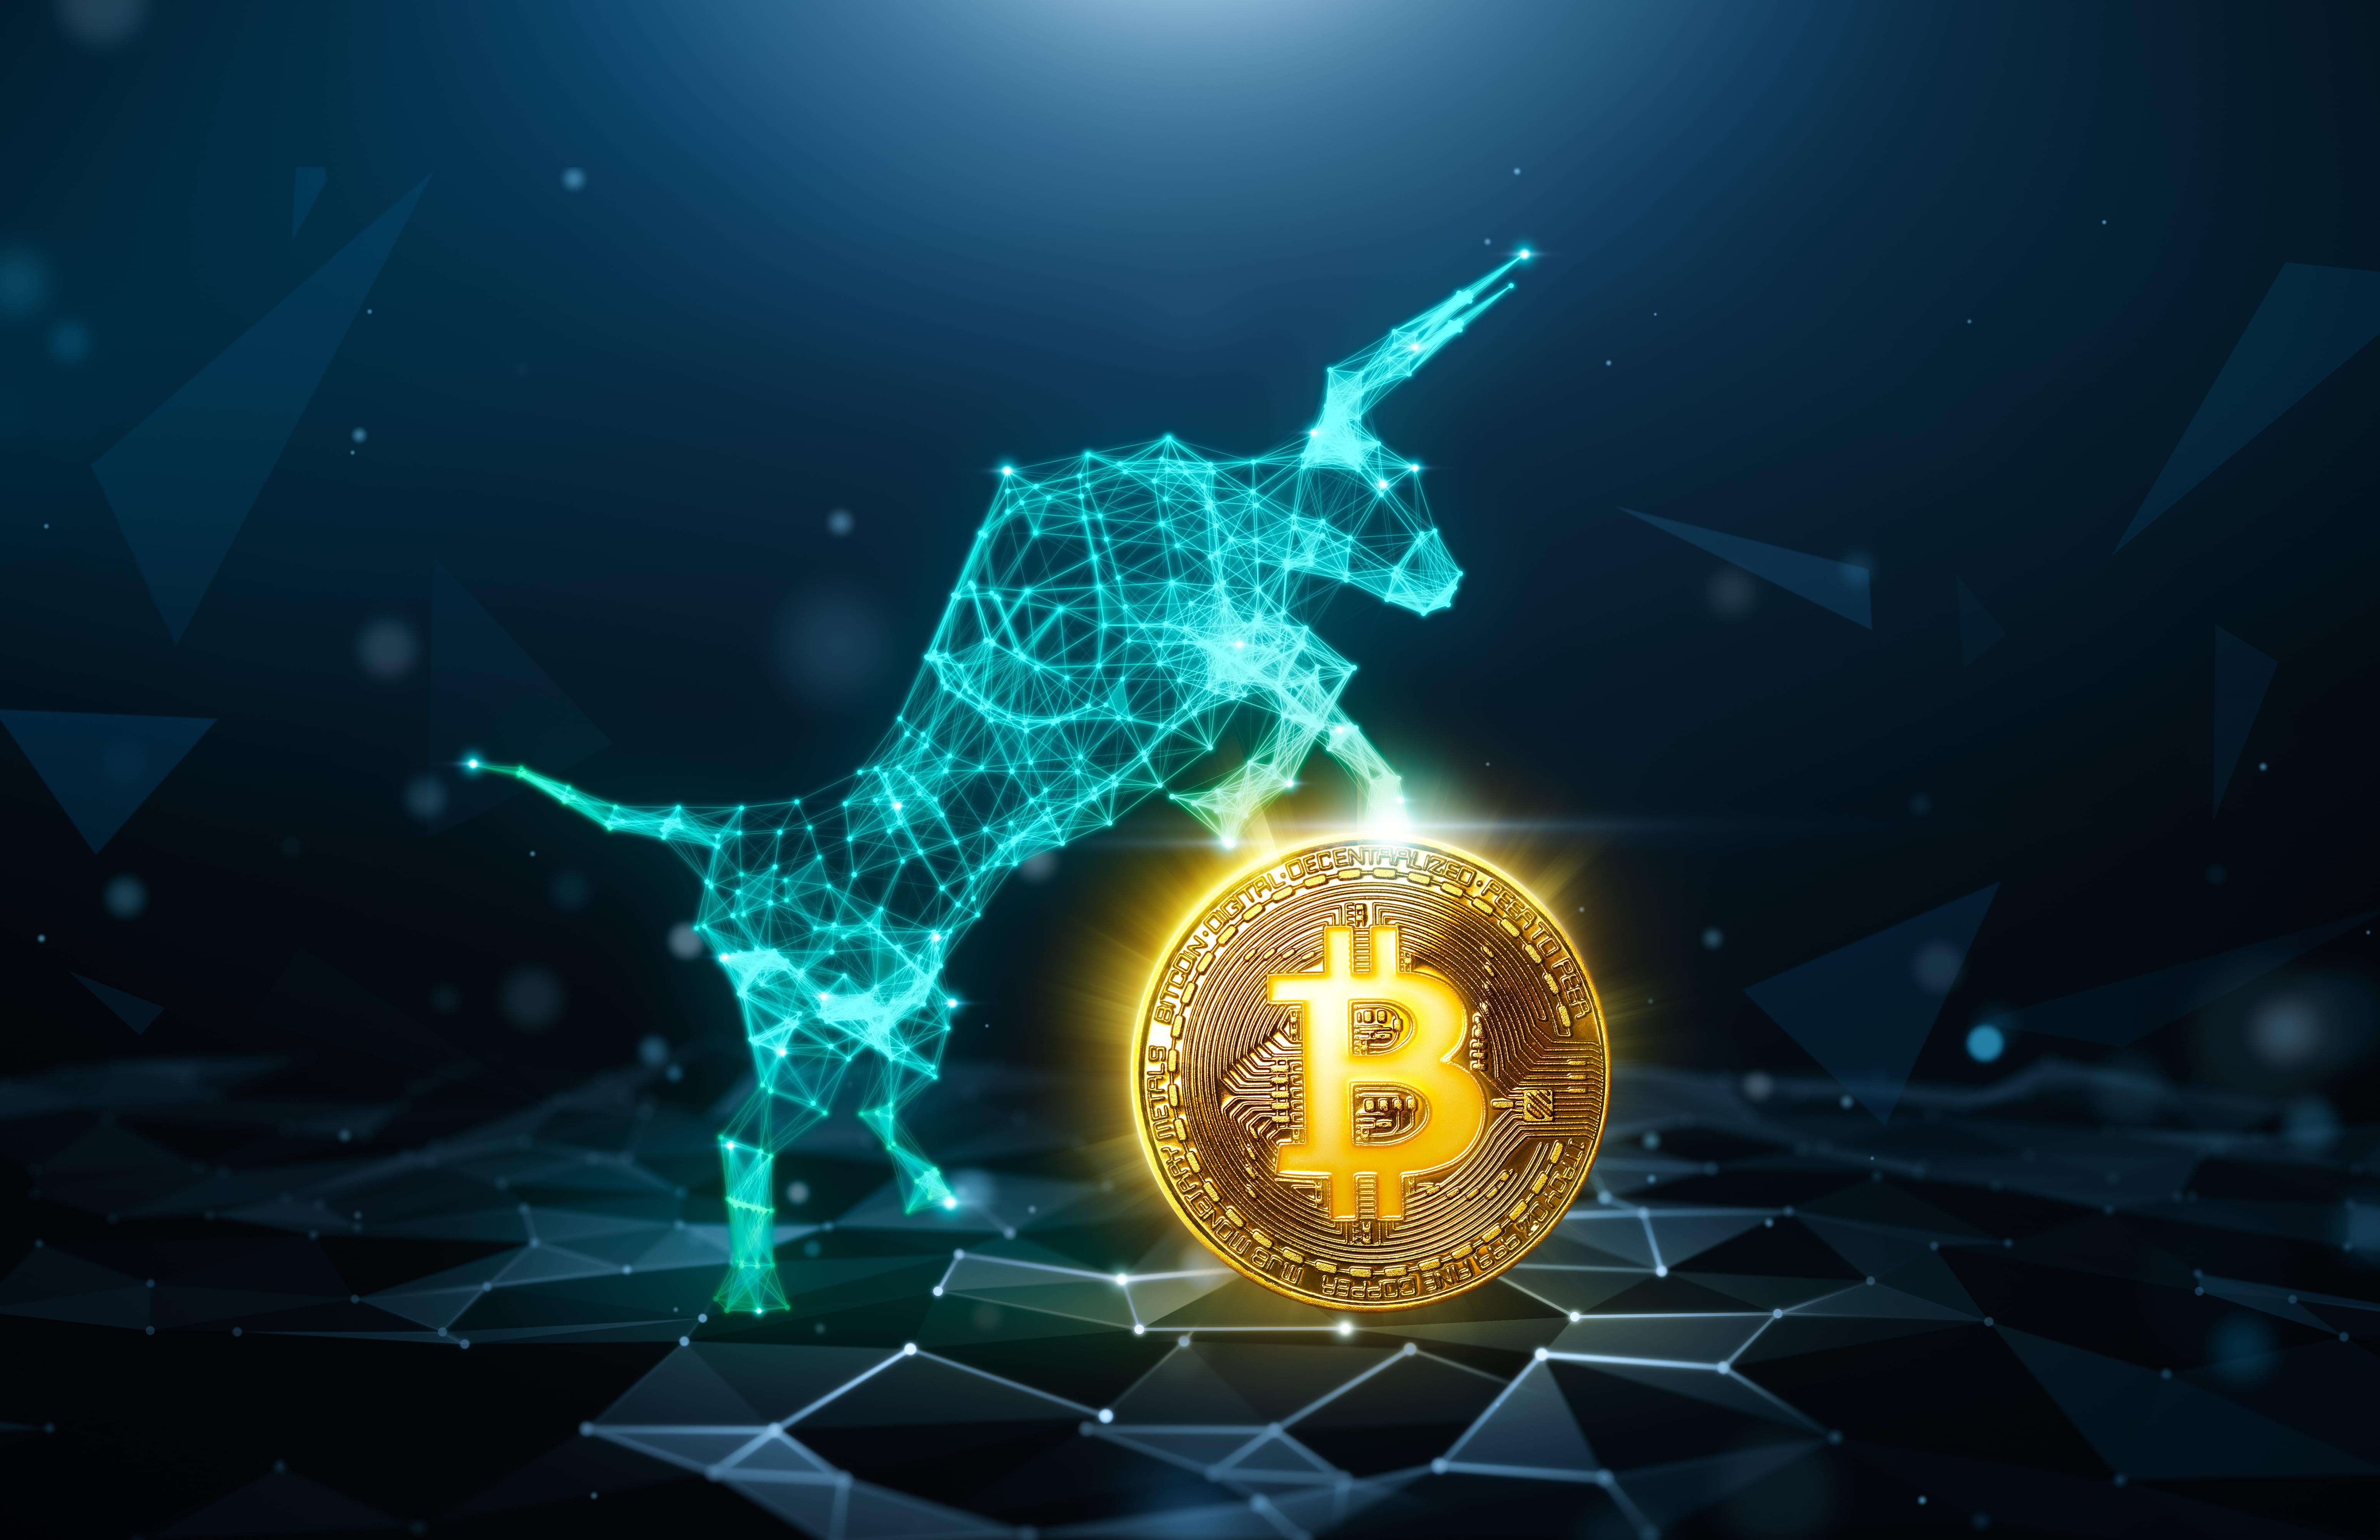 ATTENZIONE! Crypto Bull è una truffa - Davvero?